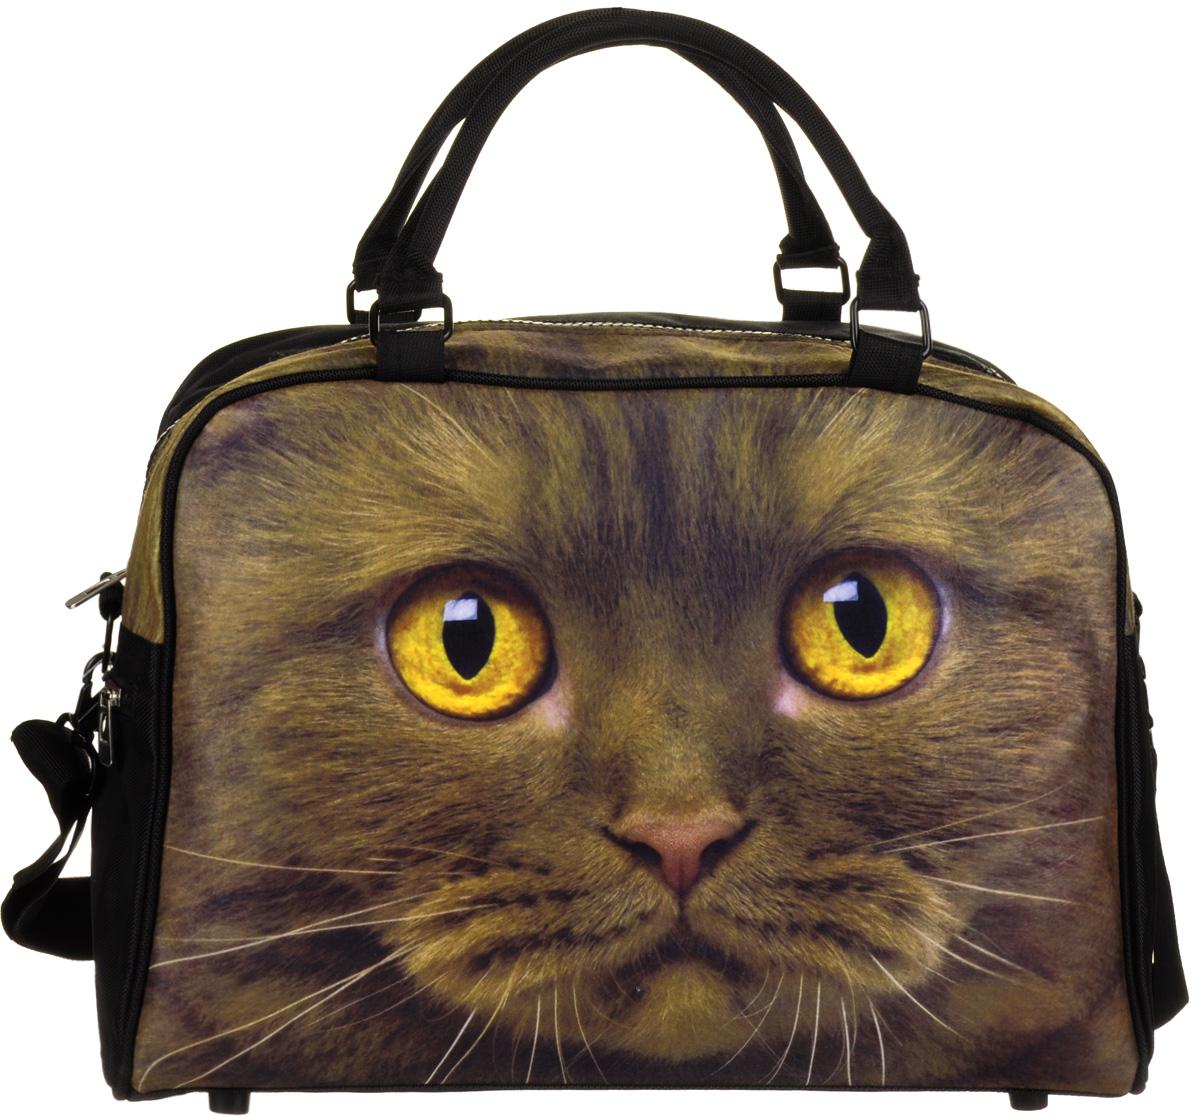 Сумка Hatber HD Trend Line, цвет: черный, зеленый. NS_00043 The CatNS_00043Молодежная сумка Hatber HD Trend Line изготовлена из флиса и украшена изображением кошки. Сумка имеет одно вместительное отделение на пластиковую молнии. Внутри имеется дополнительный карман на застежке-молнии. Сбоку сумка оснащена карманом на молнии. Сумка имеет две удобные прочные ручки и съемный ремень регулируемой длины для ношения через плечо. Дно сумки оформлено пластиковыми ножки для защиты от грязи.